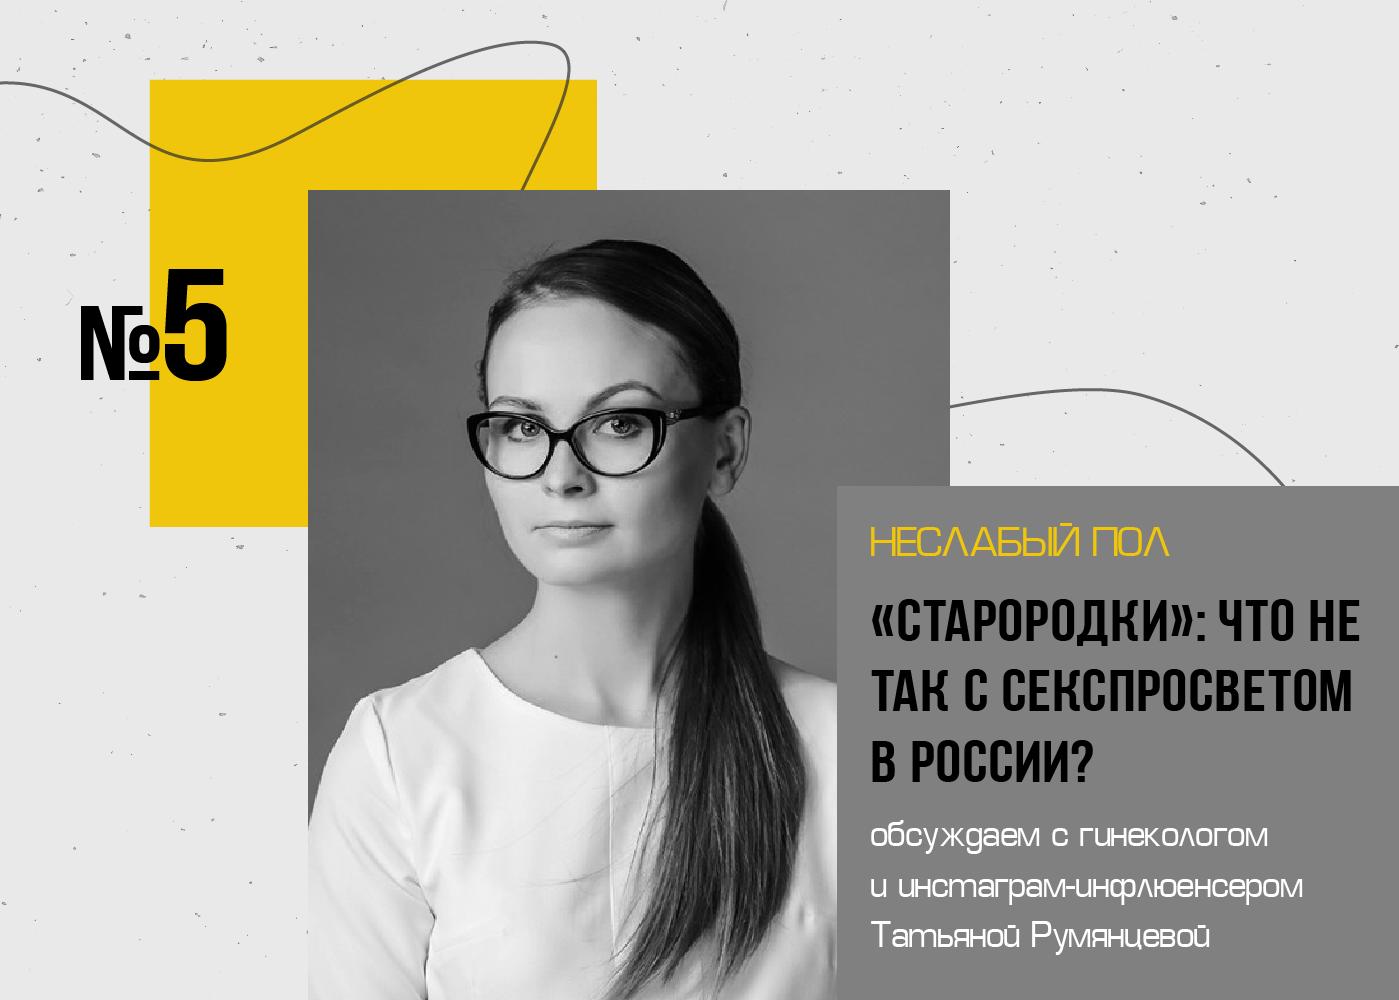 Выпуск 5. «Старородки»: что не так с секспросветом в России?